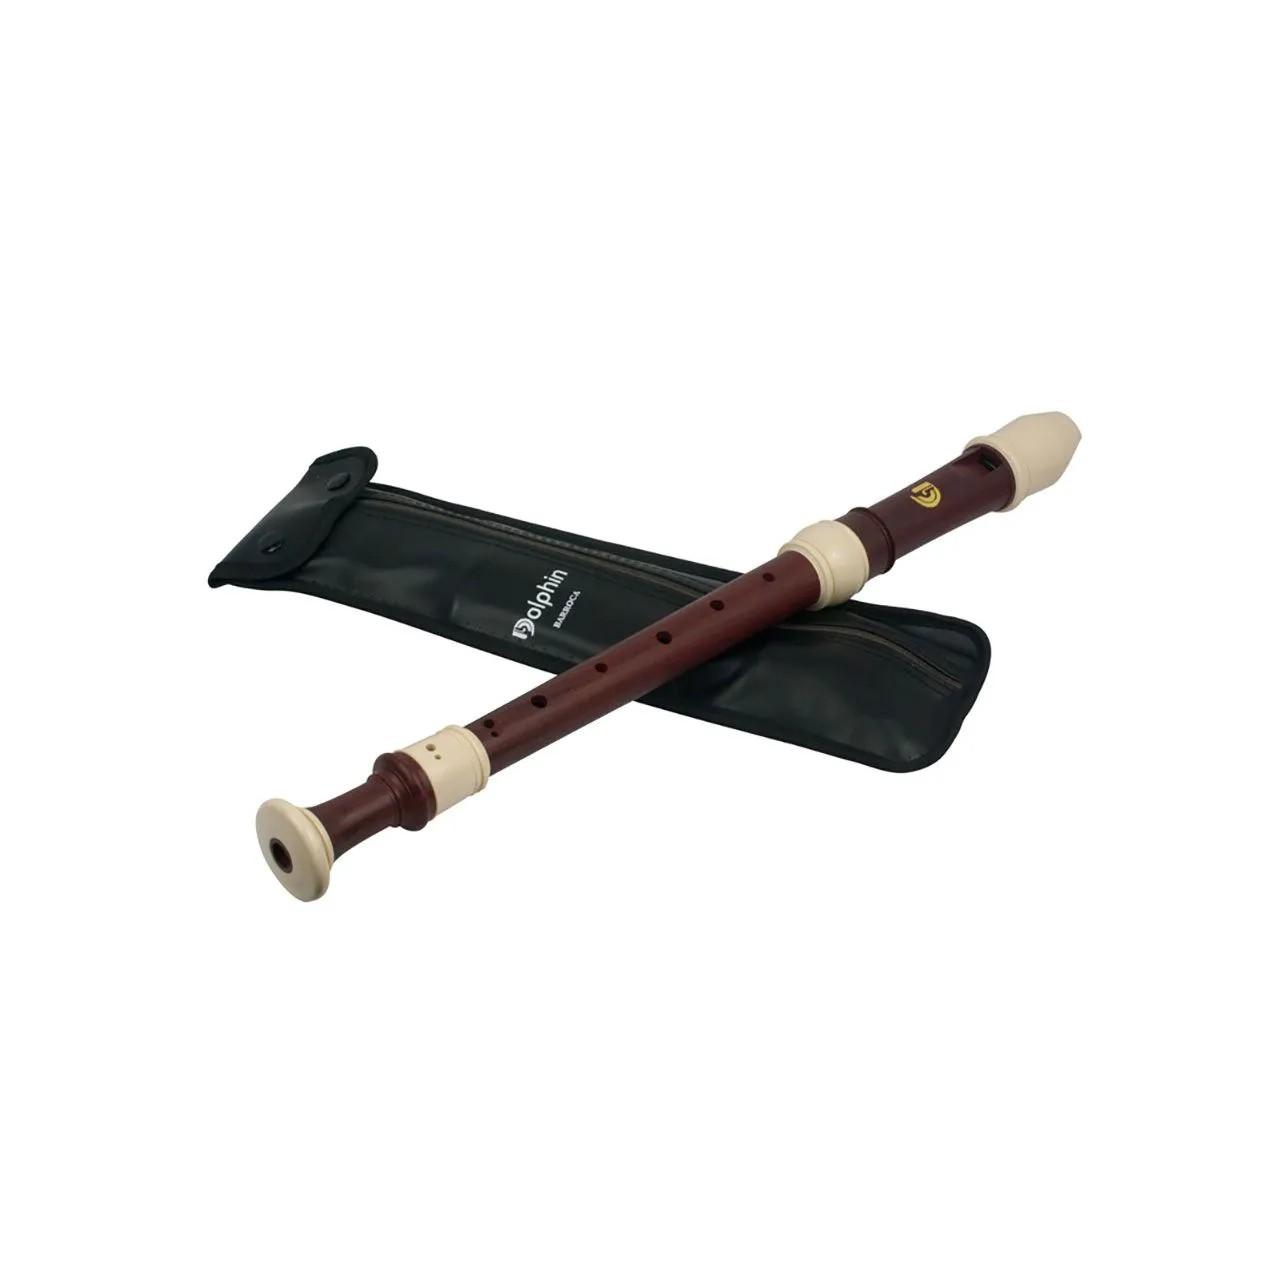 Flauta Doce Barroca Contralto Do Abs Madeira/marfim Dolphin